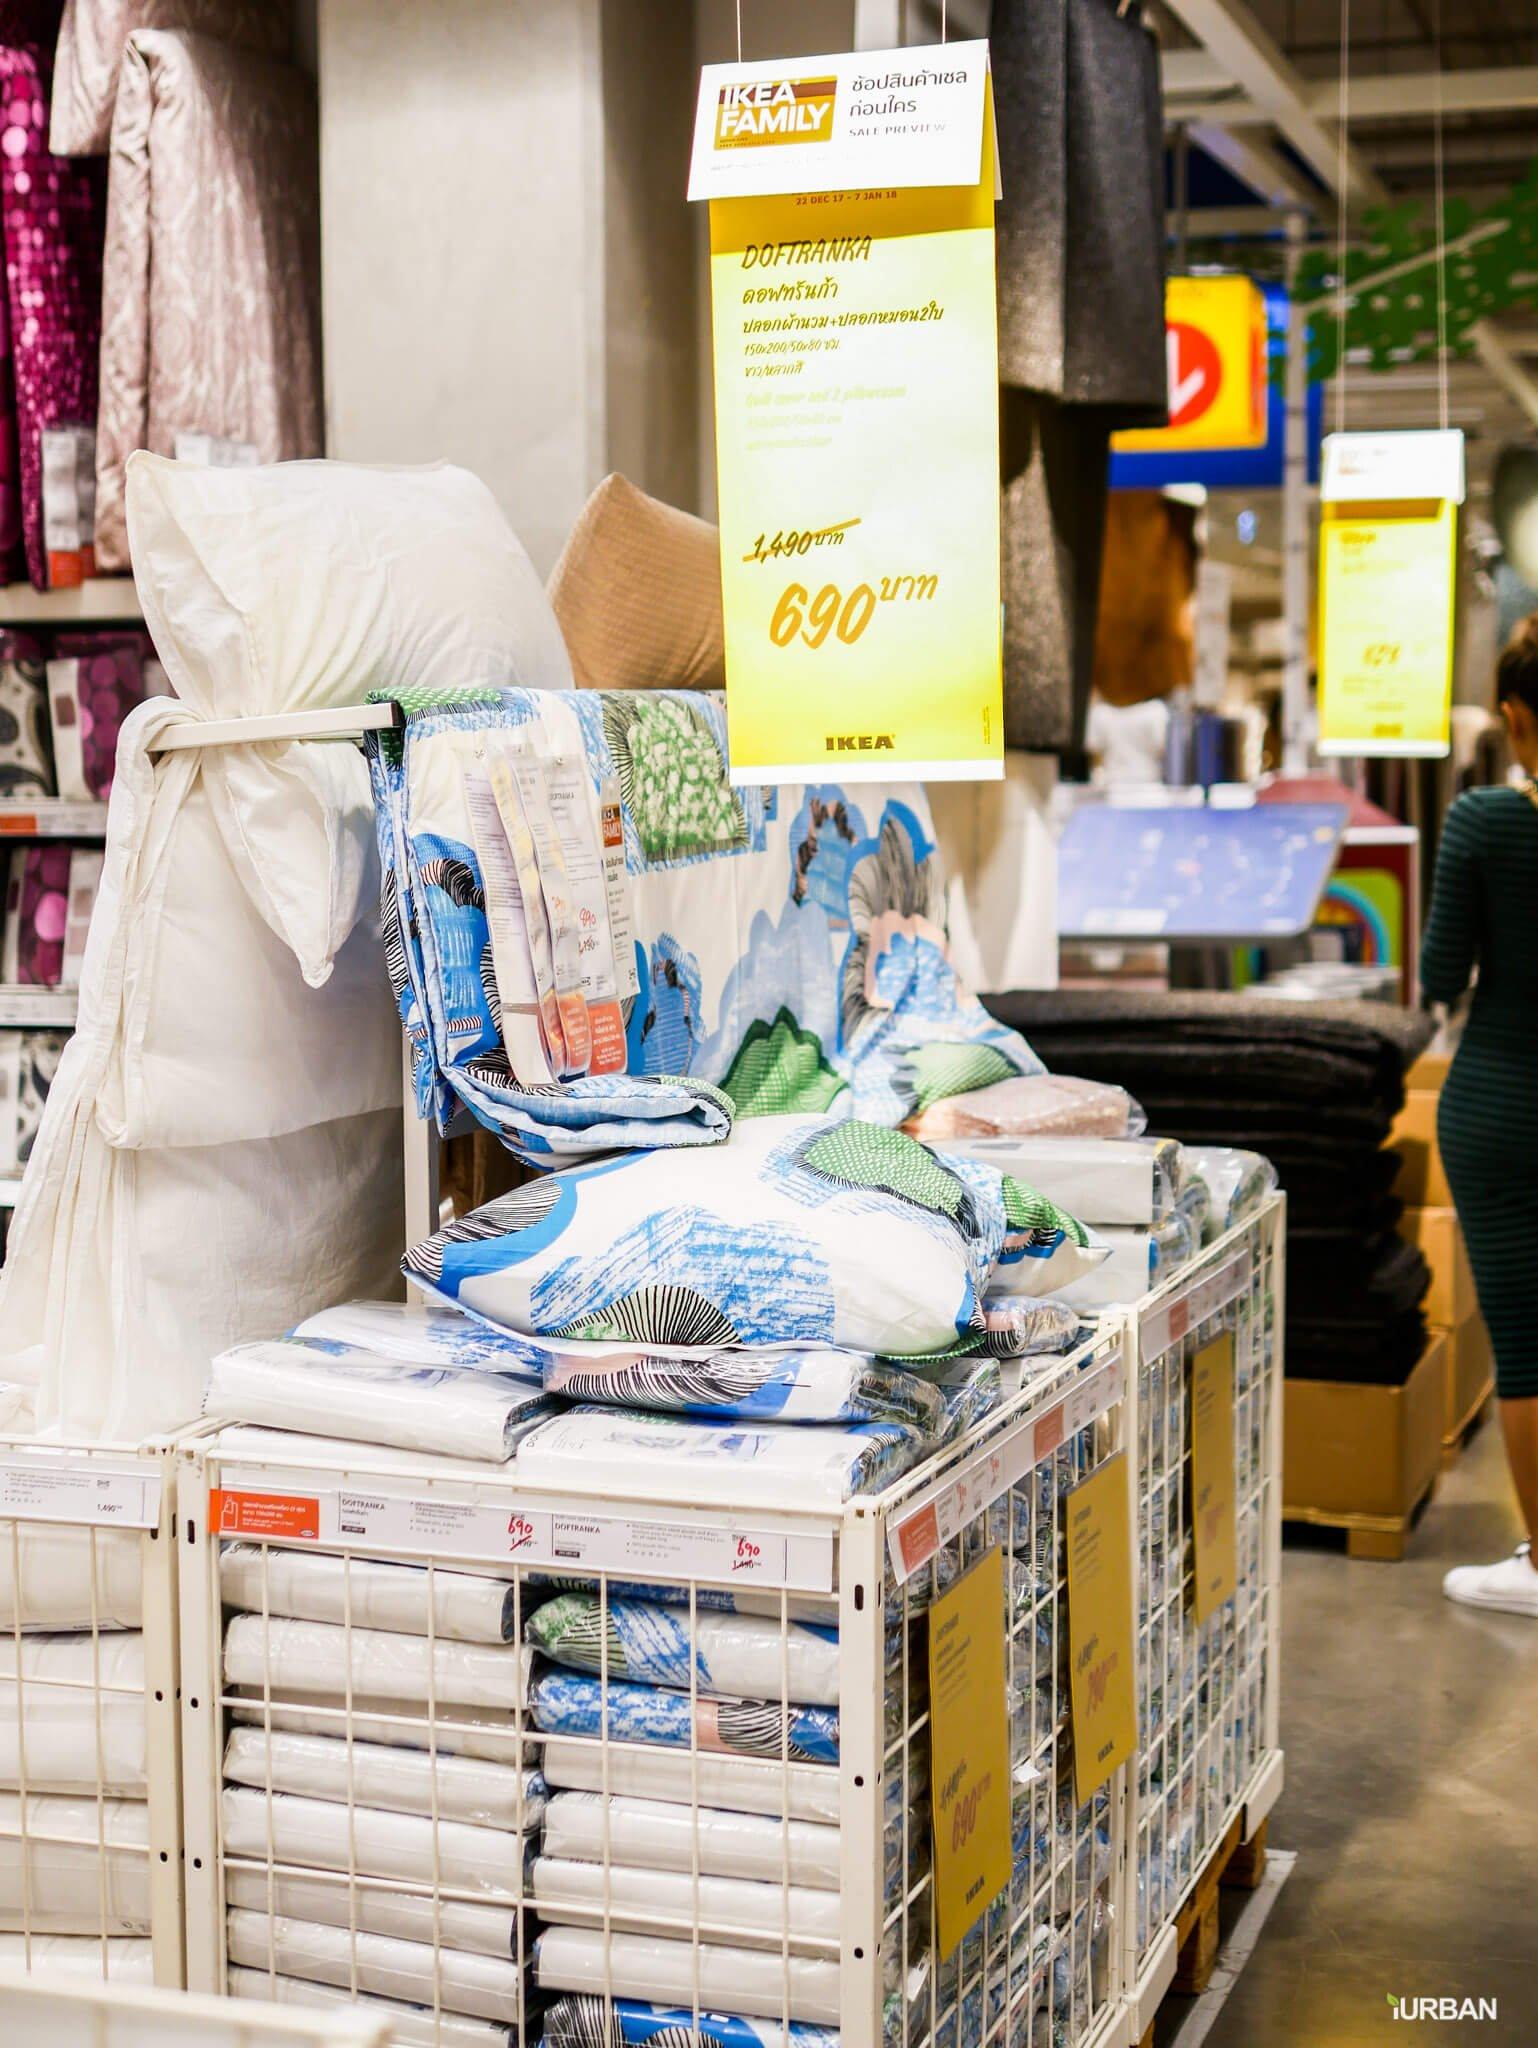 มันเยอะมากกกก!! IKEA Year End SALE 2017 รวมของเซลในอิเกีย ลดเยอะ ลดแหลก รีบพุ่งตัวไป วันนี้ - 7 มกราคม 61 141 - IKEA (อิเกีย)